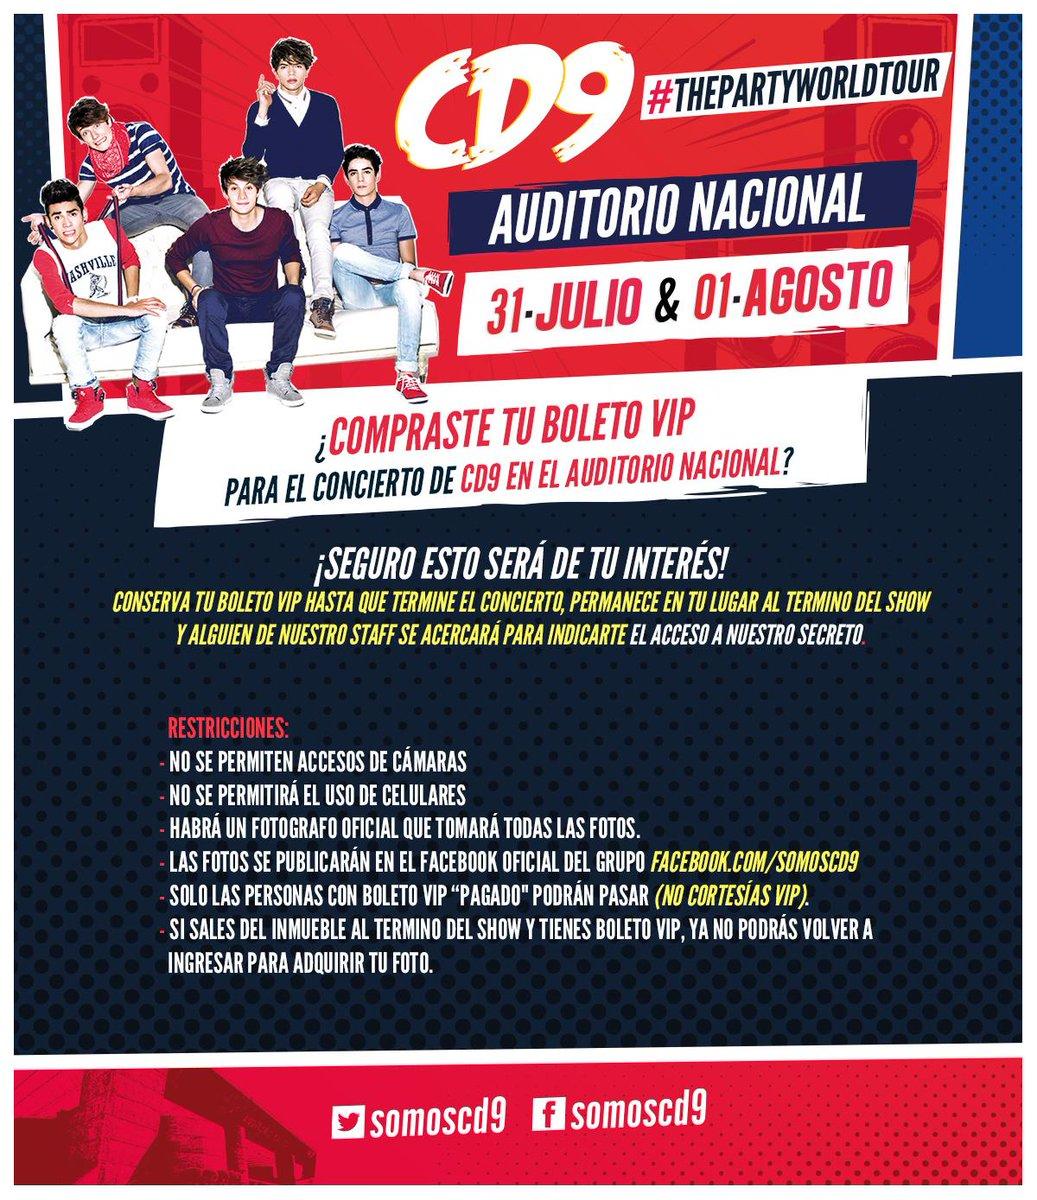 Si tienes boleto VIP para #ThePartyWorldTour de @SomosCD9 en el @AuditorioMx , esta información es para ti. http://t.co/U6jWuASpkj